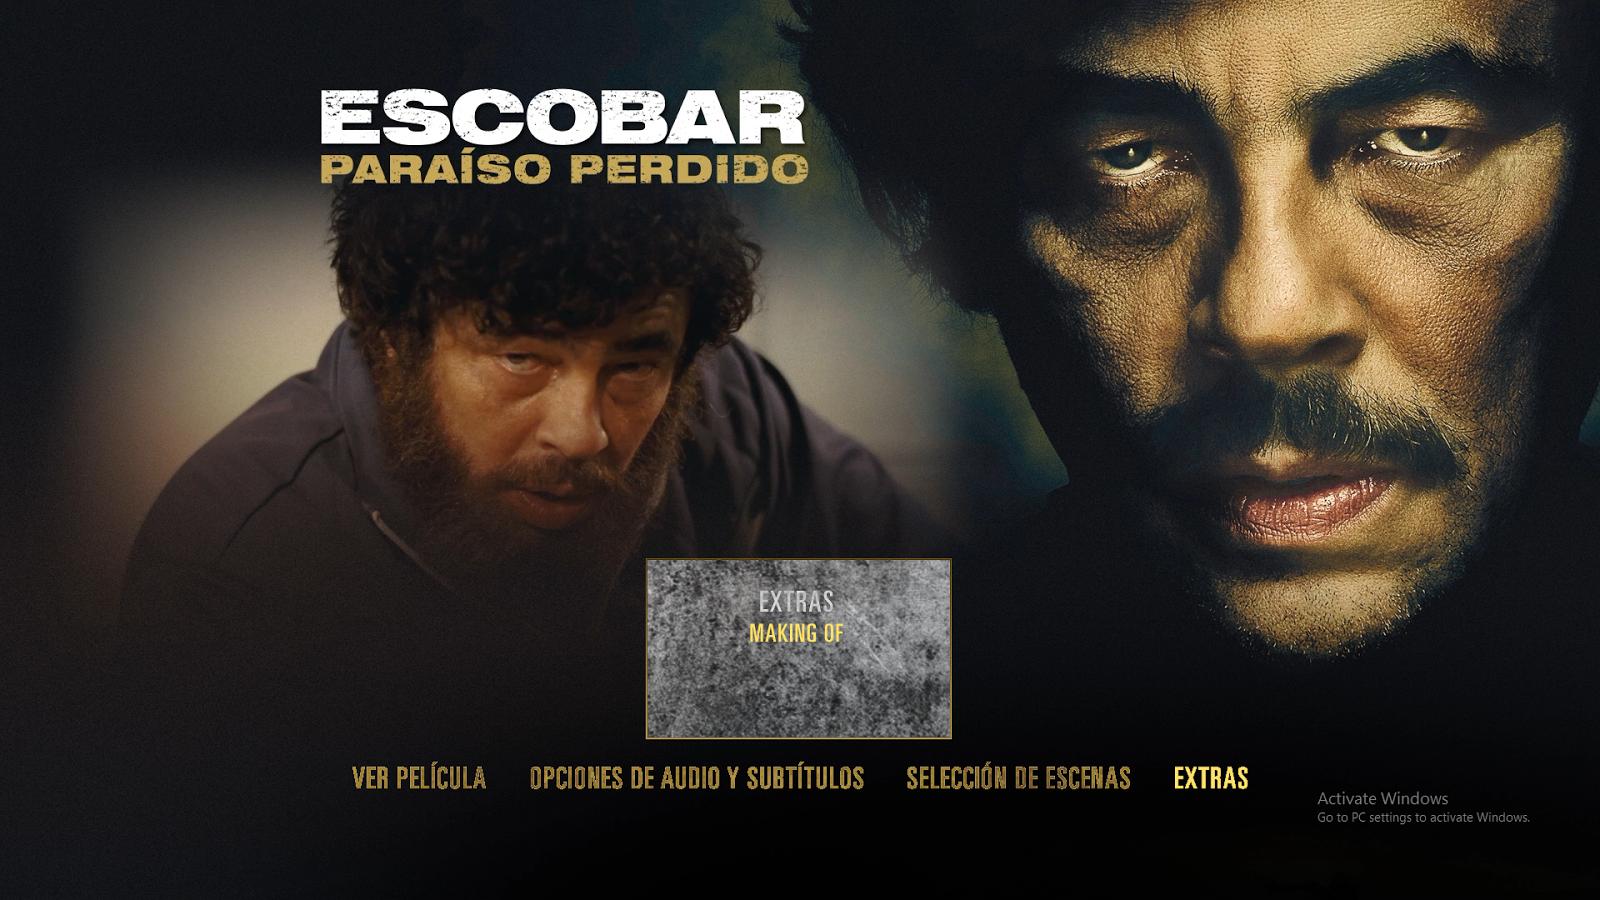 Escobar Paraiso Perdido (2014) 1080p BD25 2